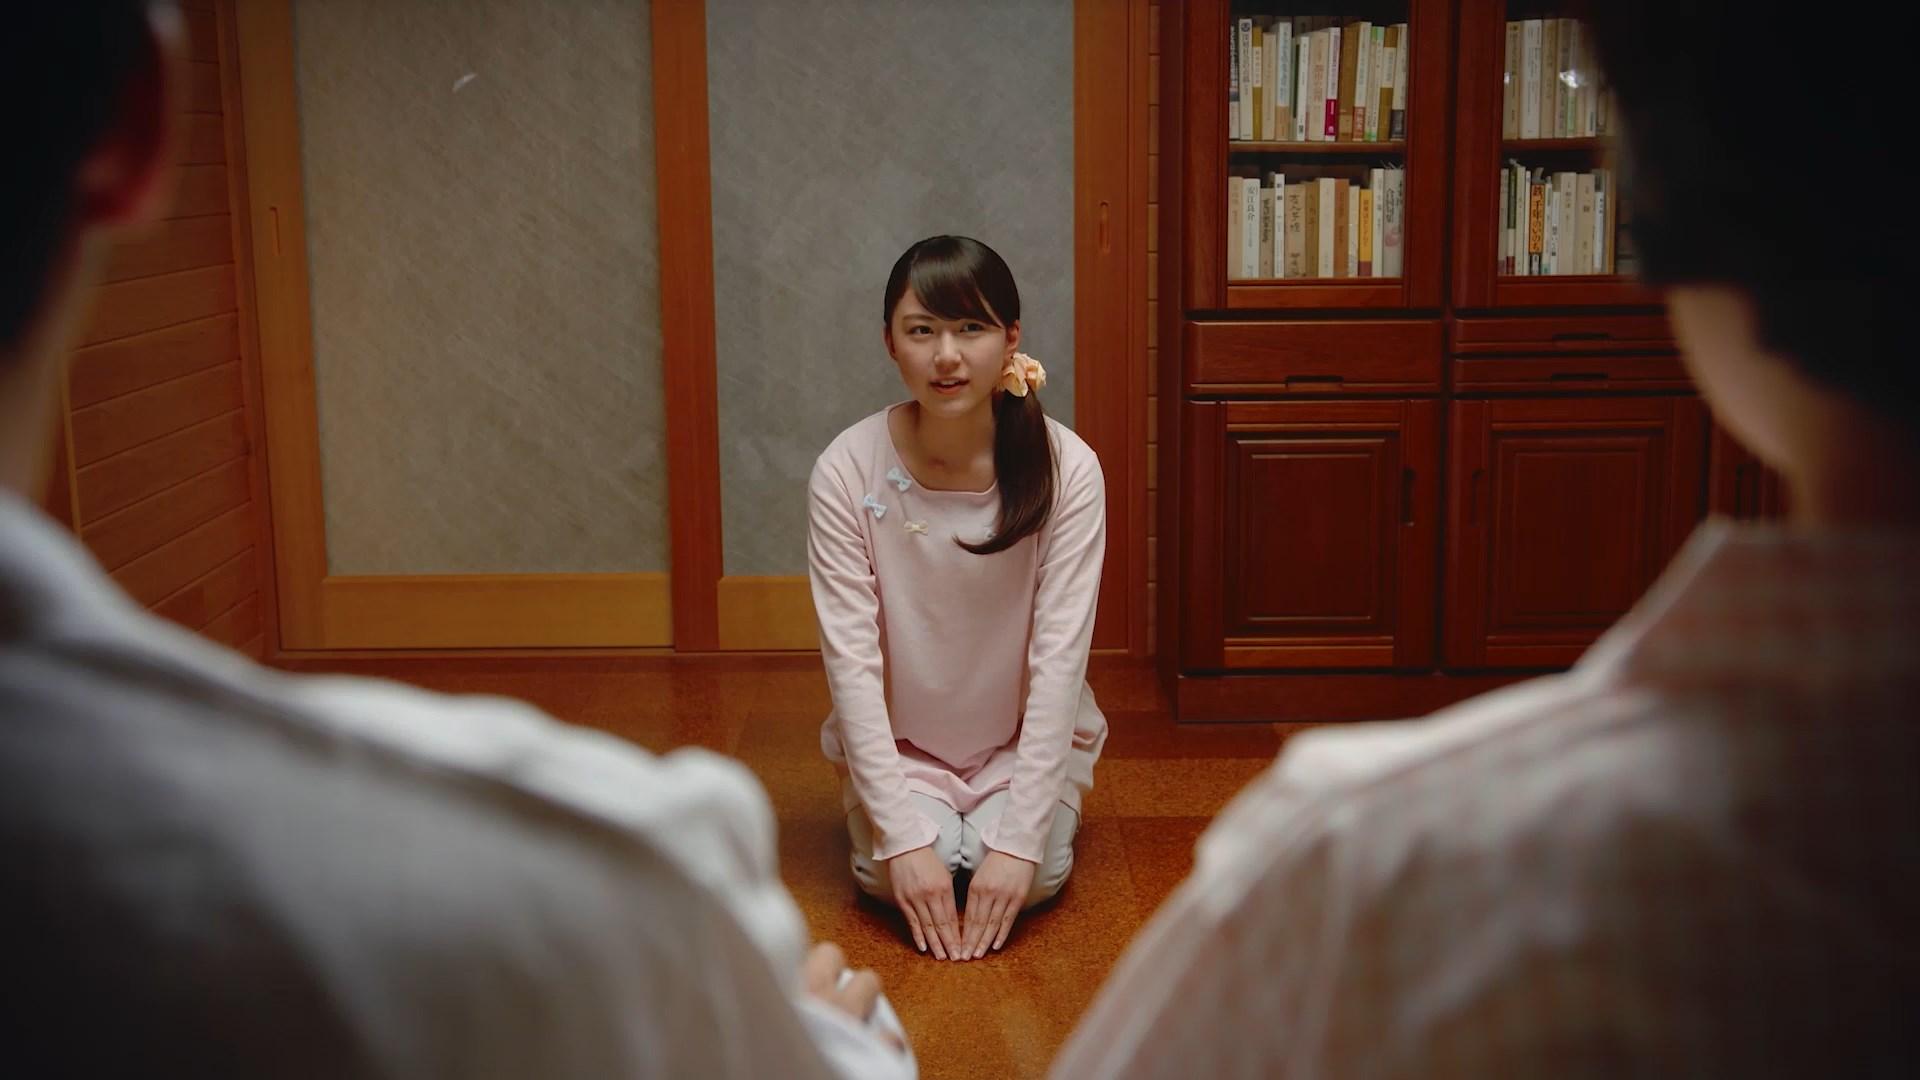 星川遥香 CM 四国中央医療福祉総合学院